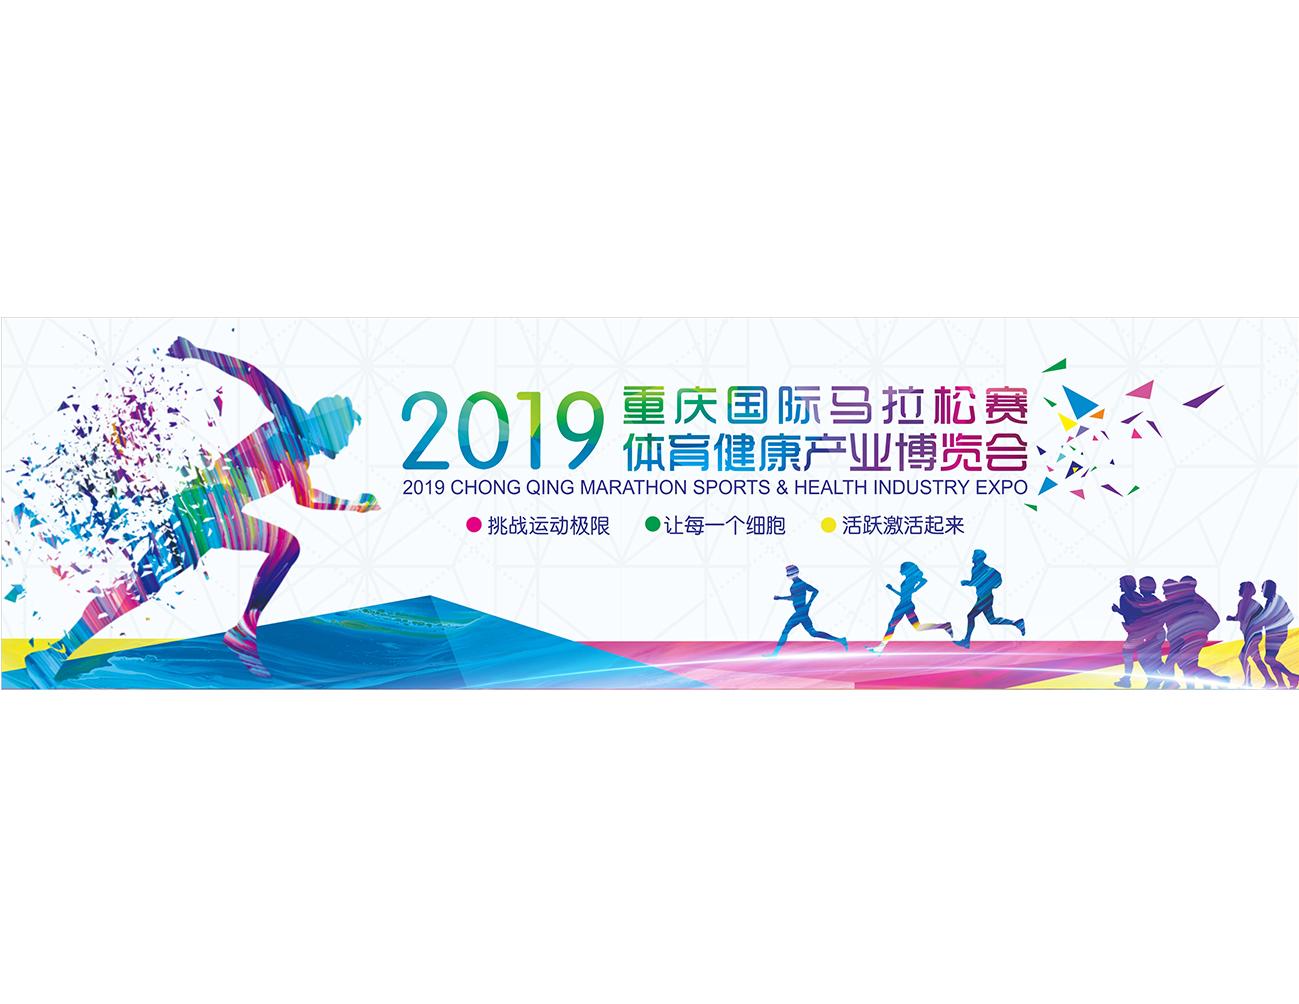 2019重庆国际马拉松赛体育健康产业博览会